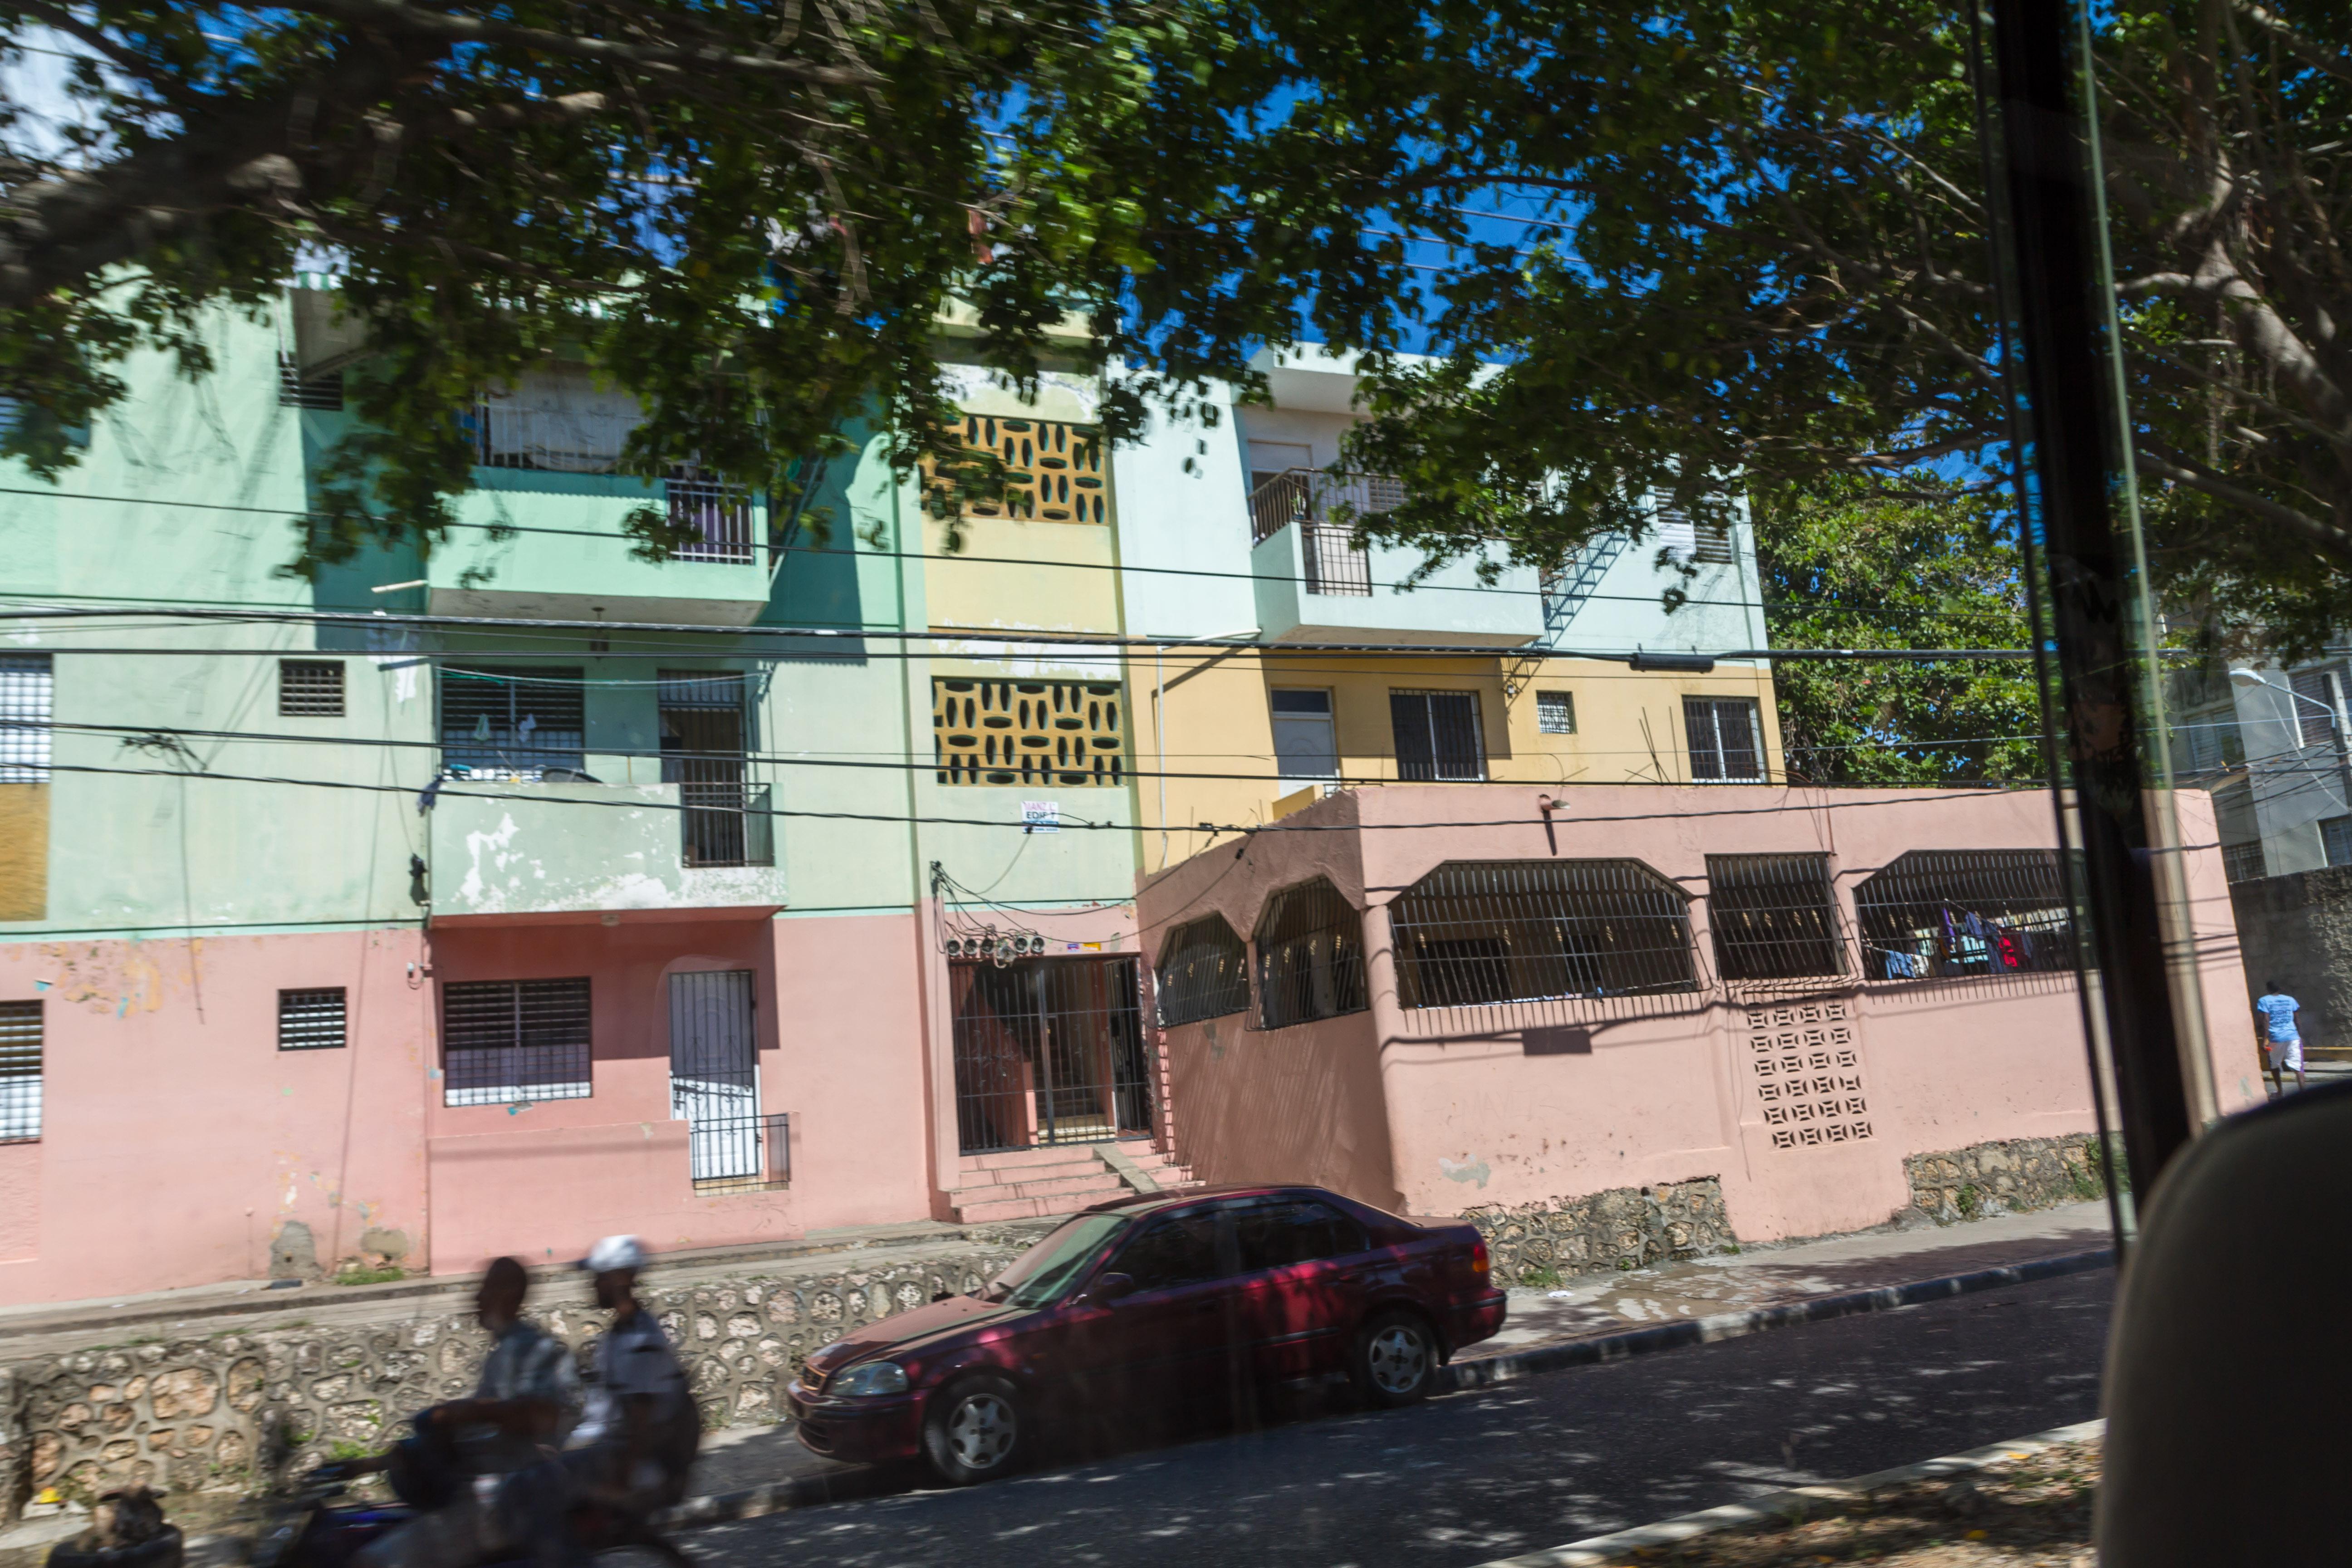 Villa duarte dominican republic